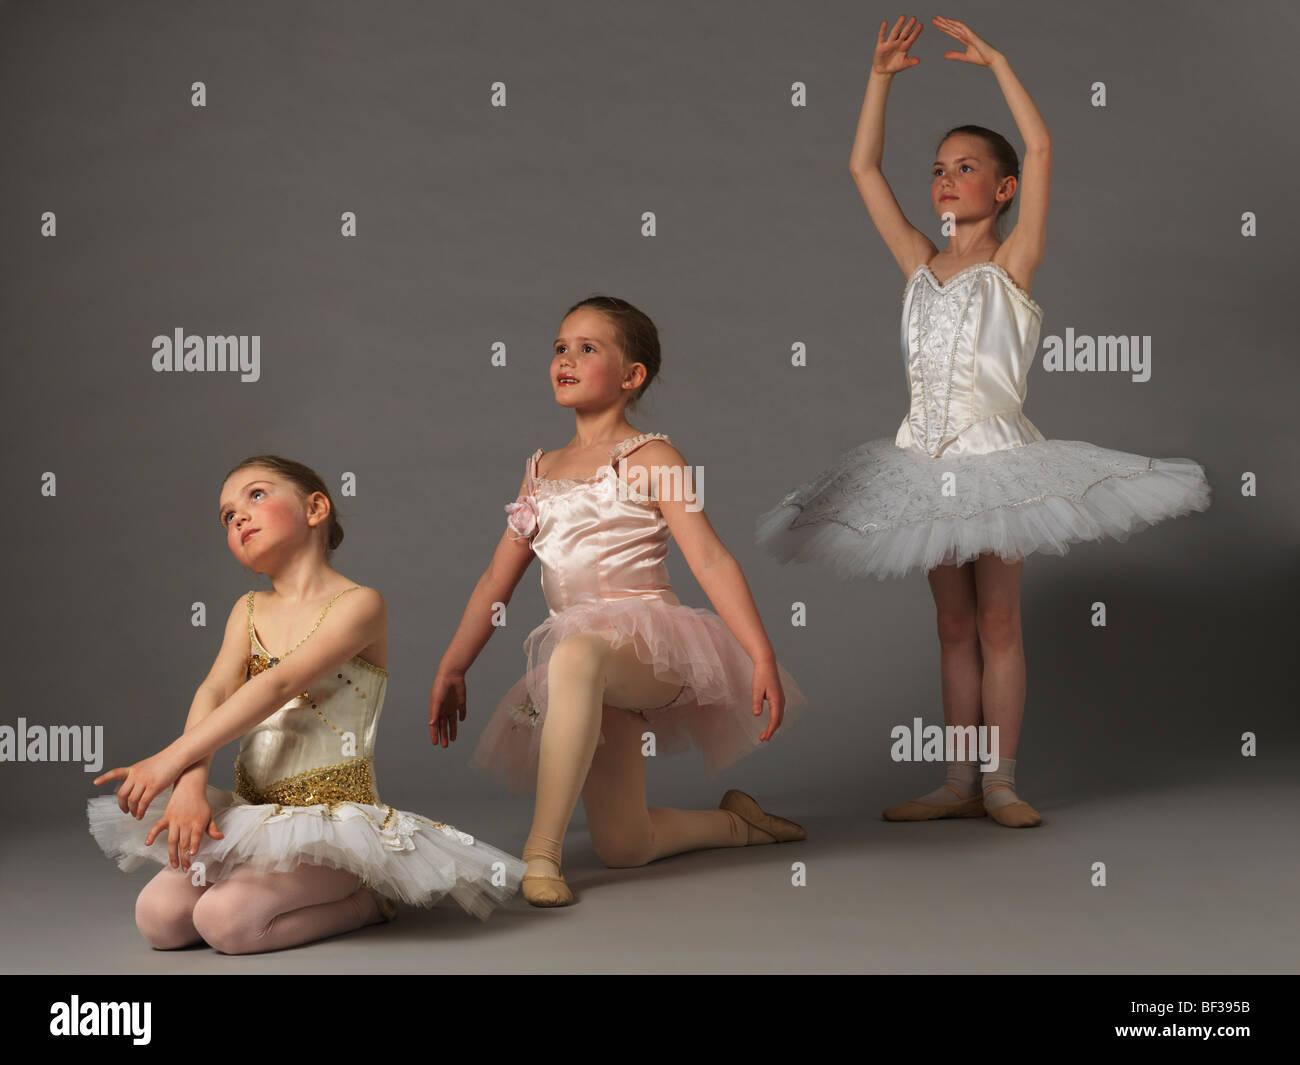 Trois jeunes filles posant. Photo Stock